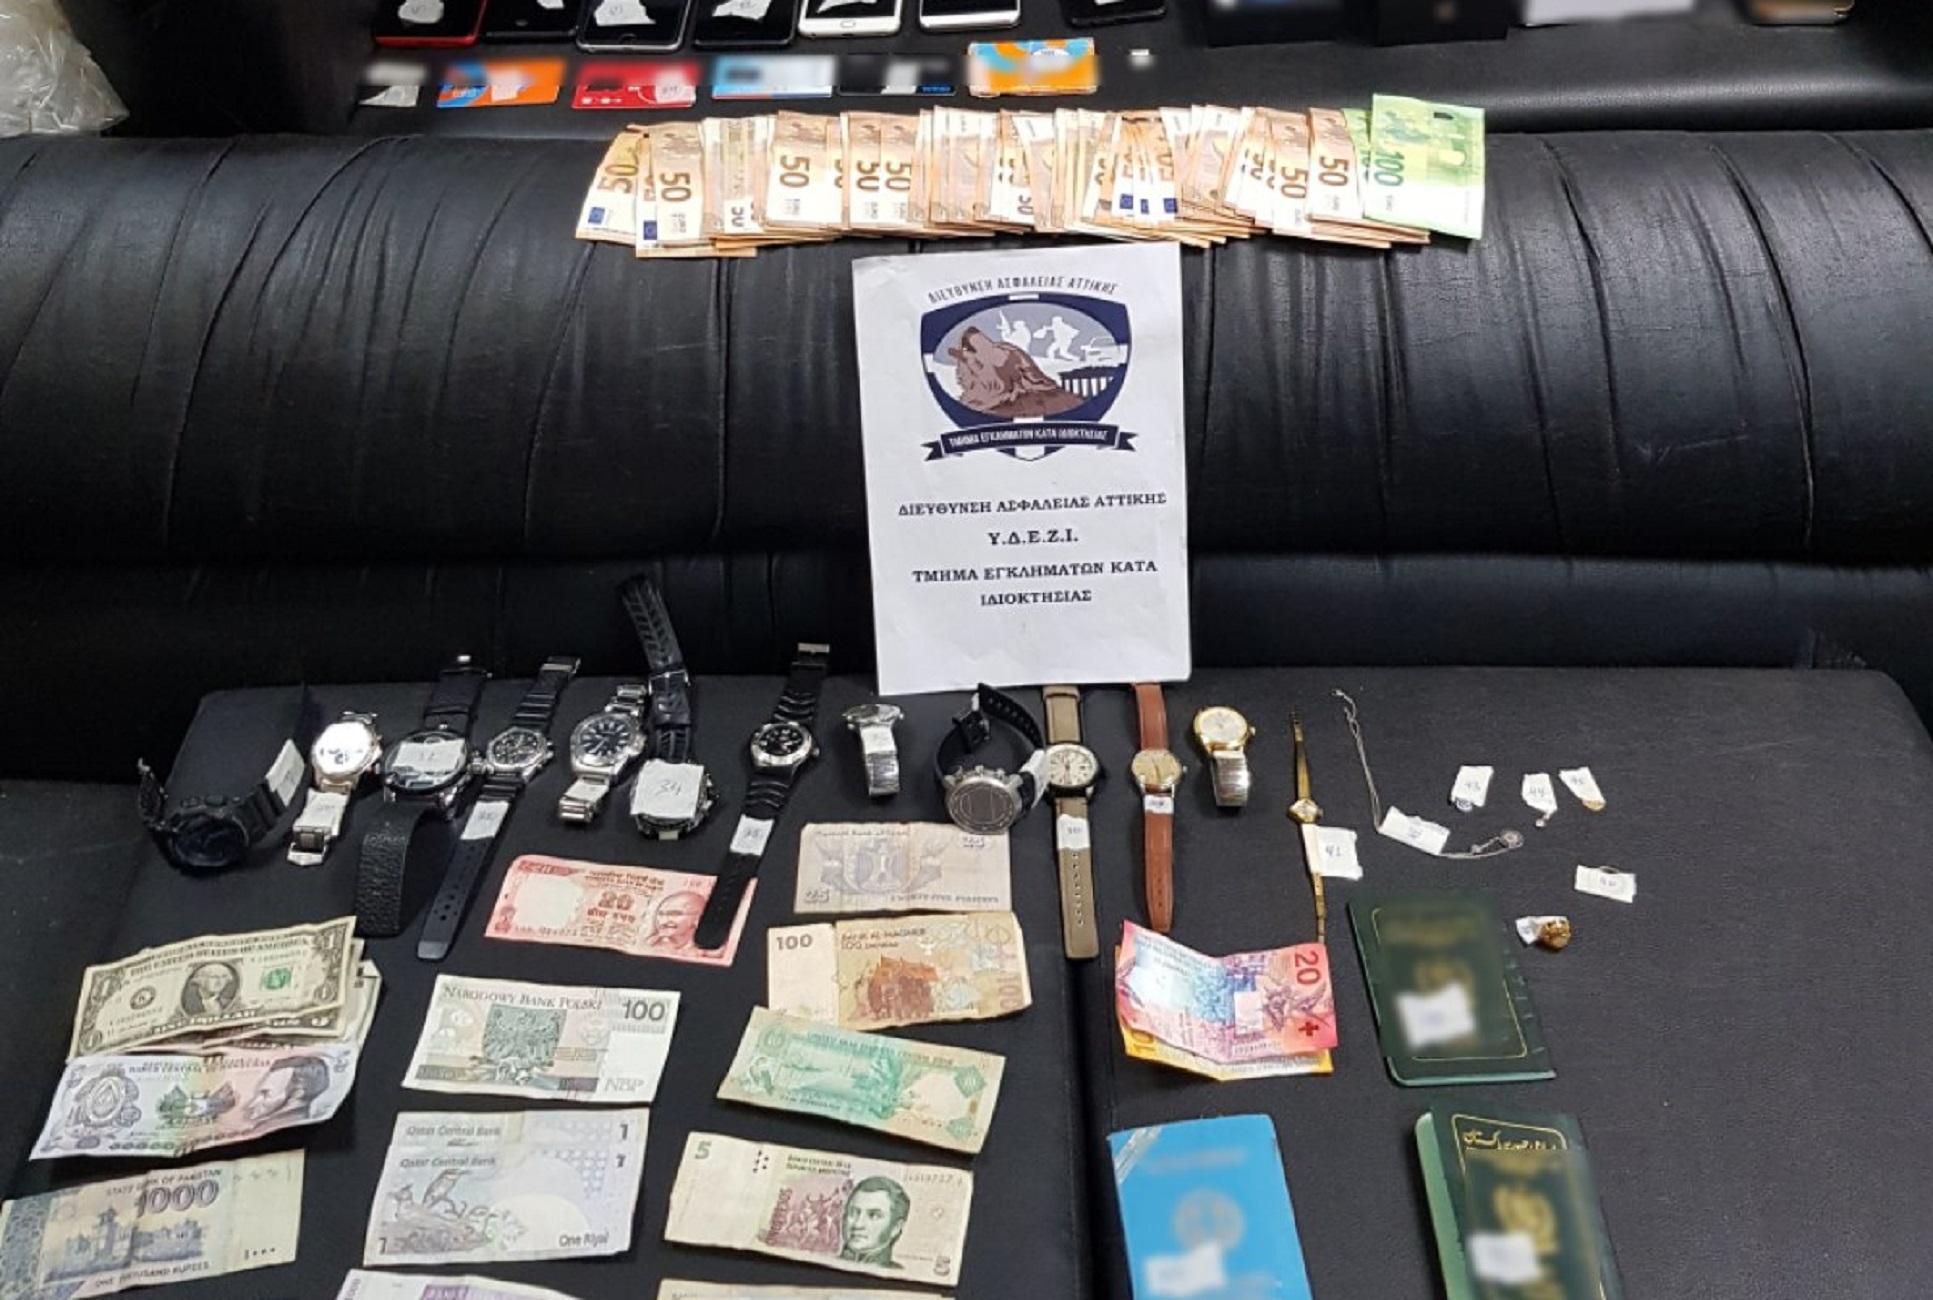 Έκλεβαν αυτοκίνητα και στη συνέχεια «χτυπούσαν» καταστήματα και κοσμηματοπωλεία – 4 συλλήψεις